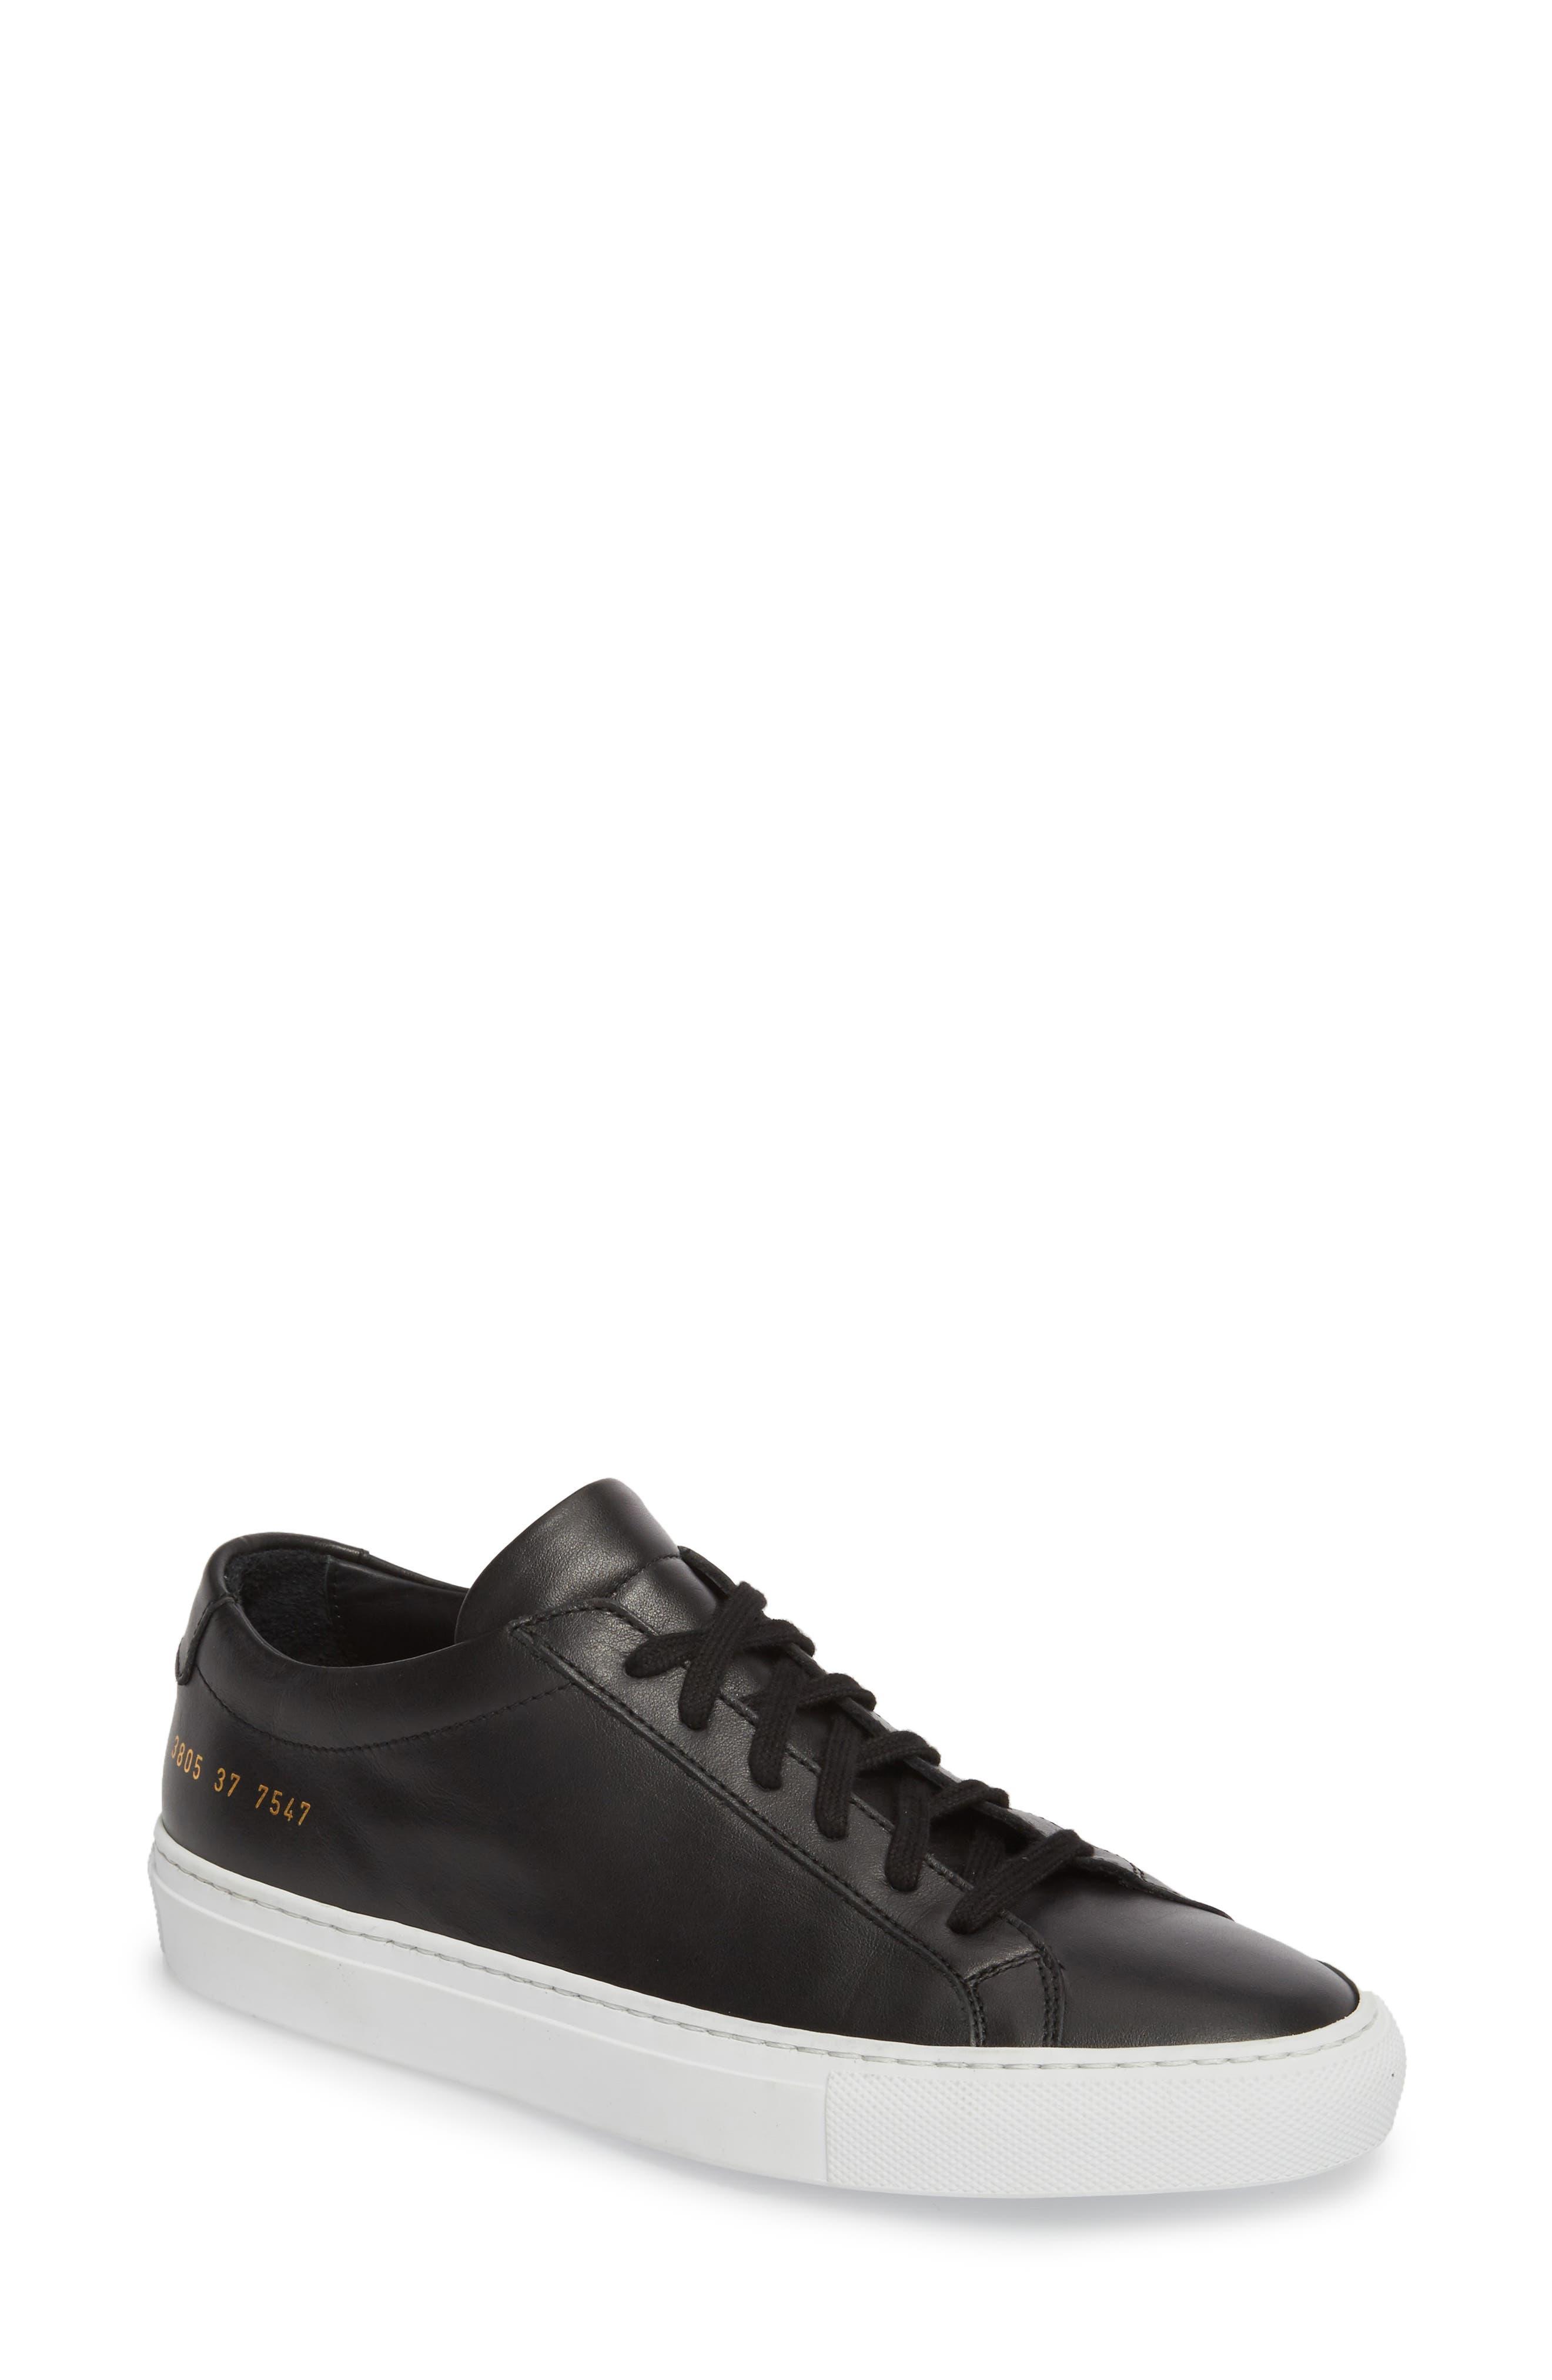 COMMON PROJECTS, Original Achilles Low Sneaker, Main thumbnail 1, color, BLACK